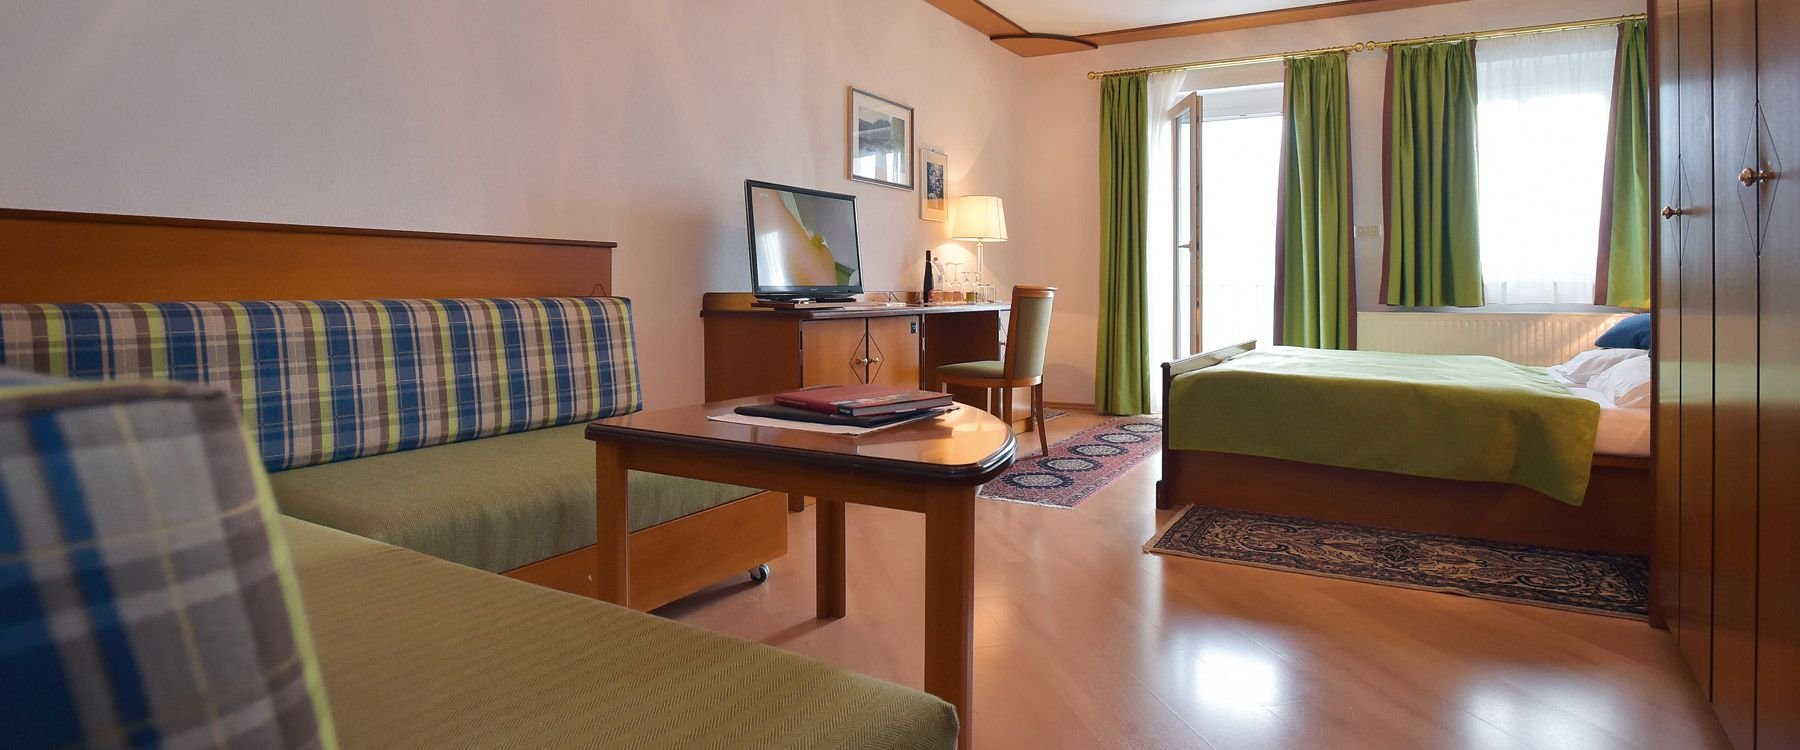 Zimmer im Seehotel Schwan in Gmunden